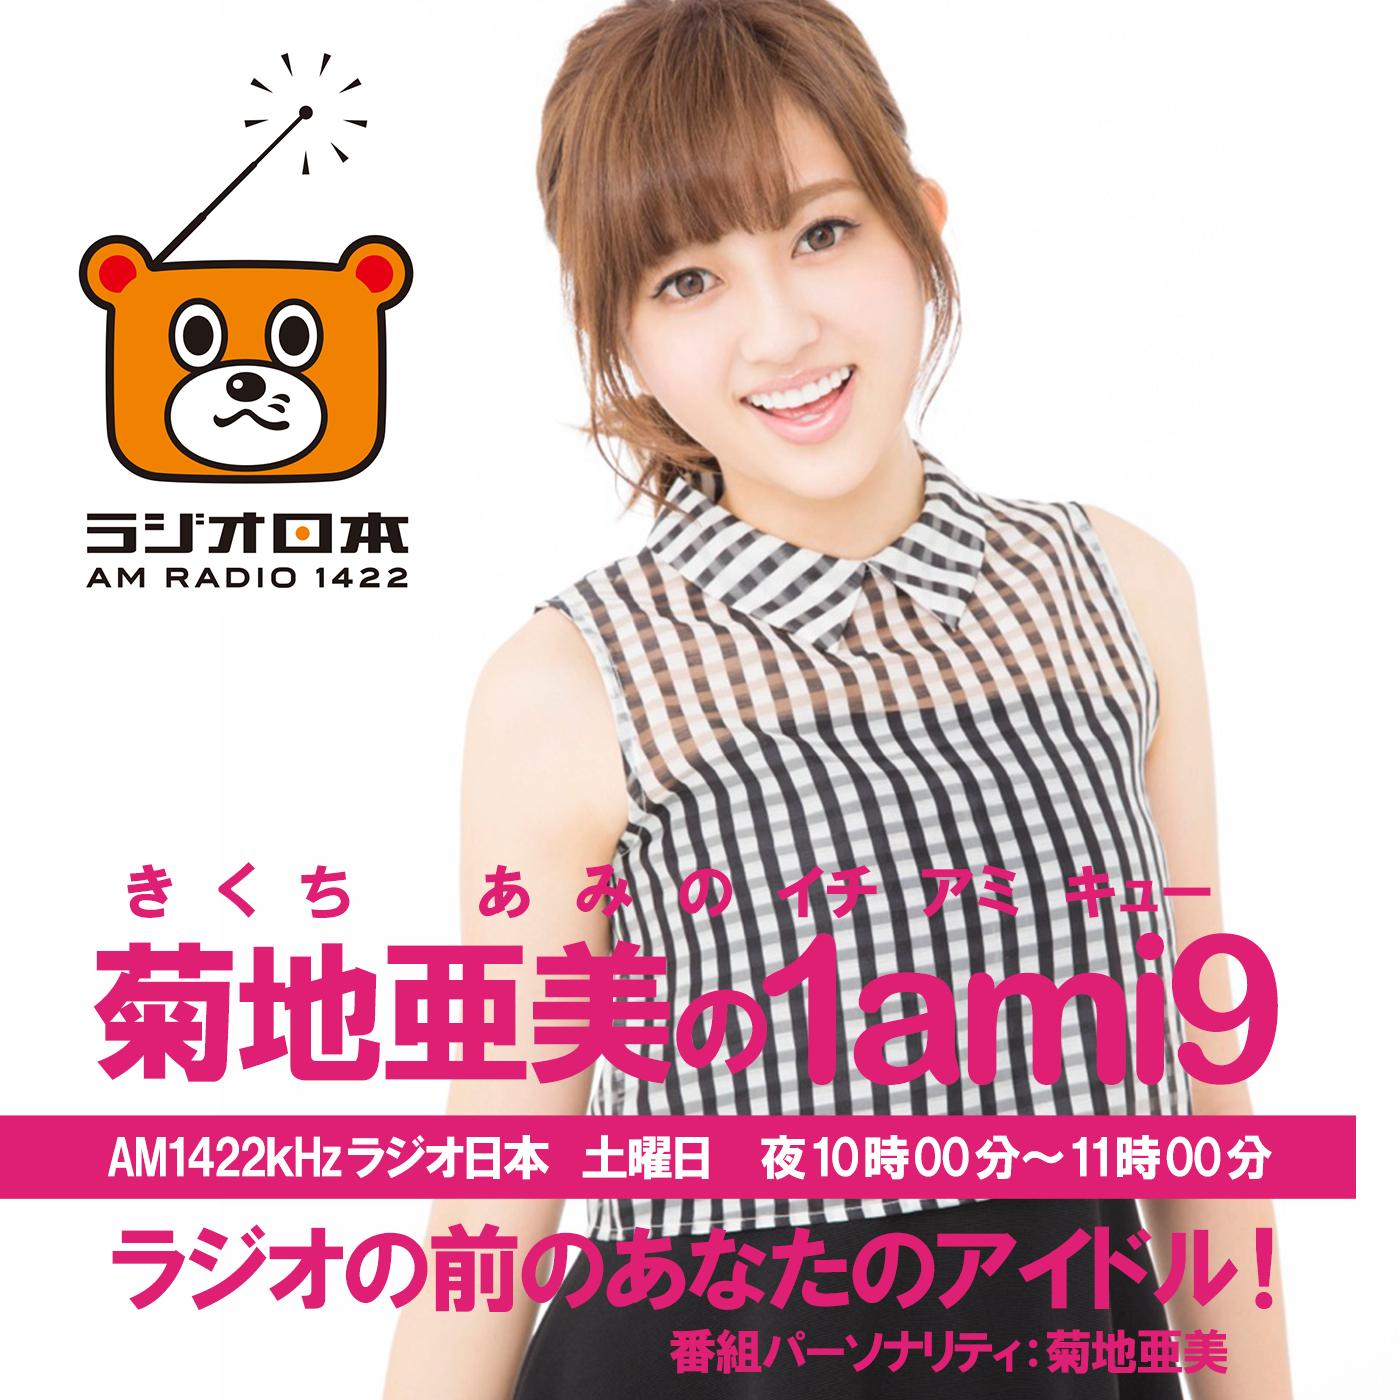 アミキューブログ&ポッドキャスト | 菊地亜美の1ami9 AM1422kHz ラジオ日本